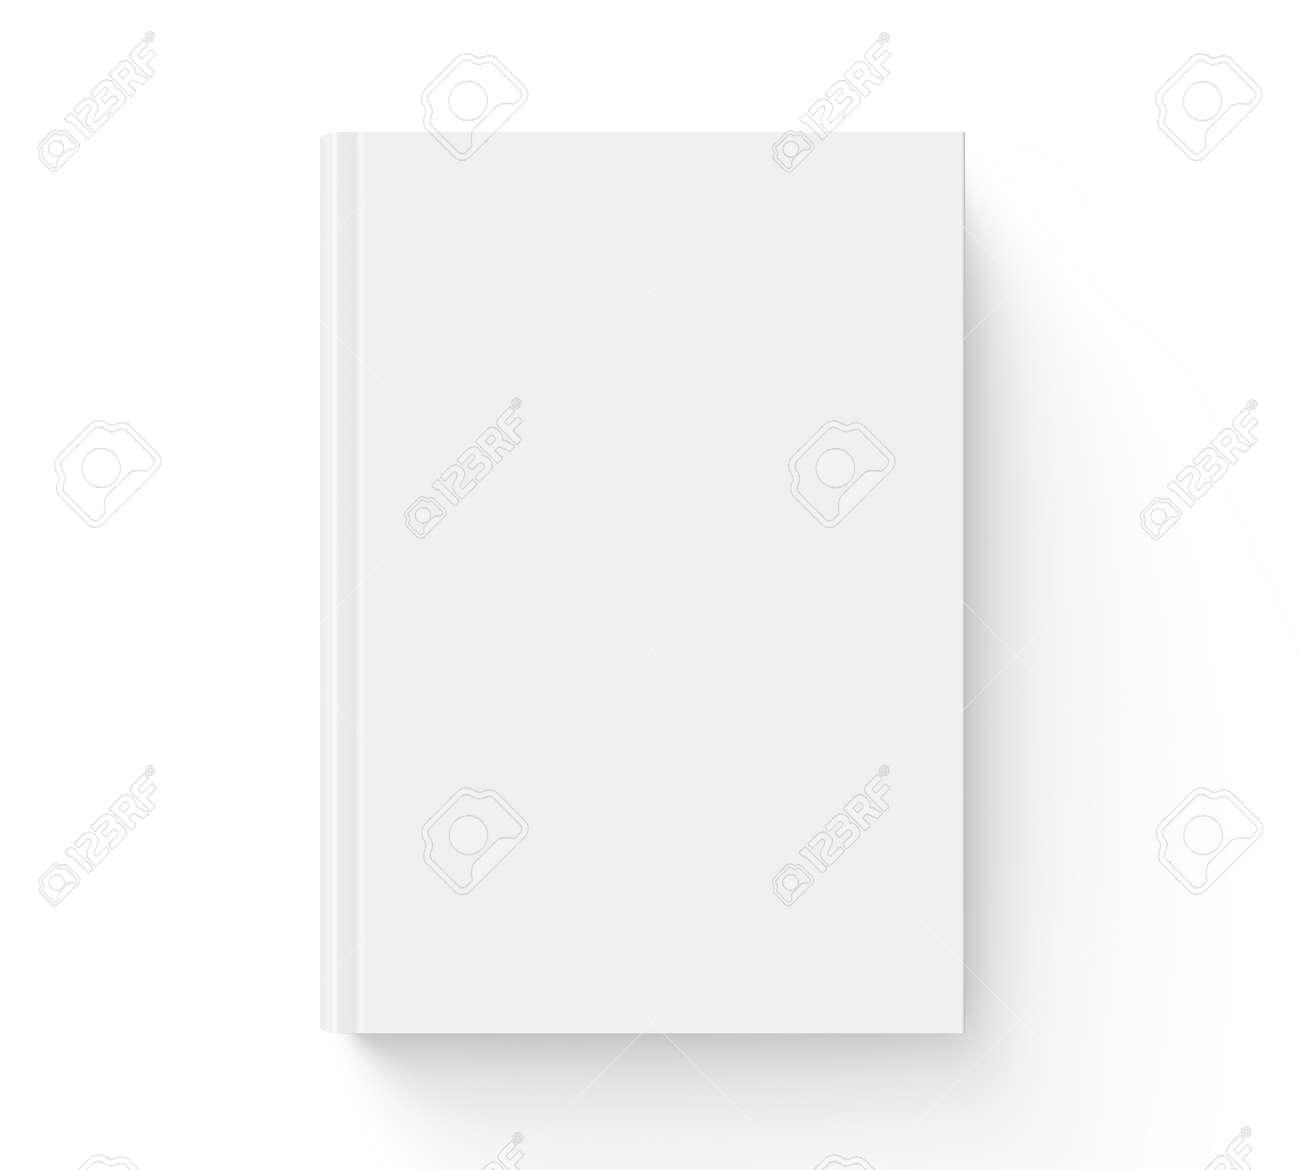 Nett Ad Buch Vorlage Bilder - Entry Level Resume Vorlagen Sammlung ...